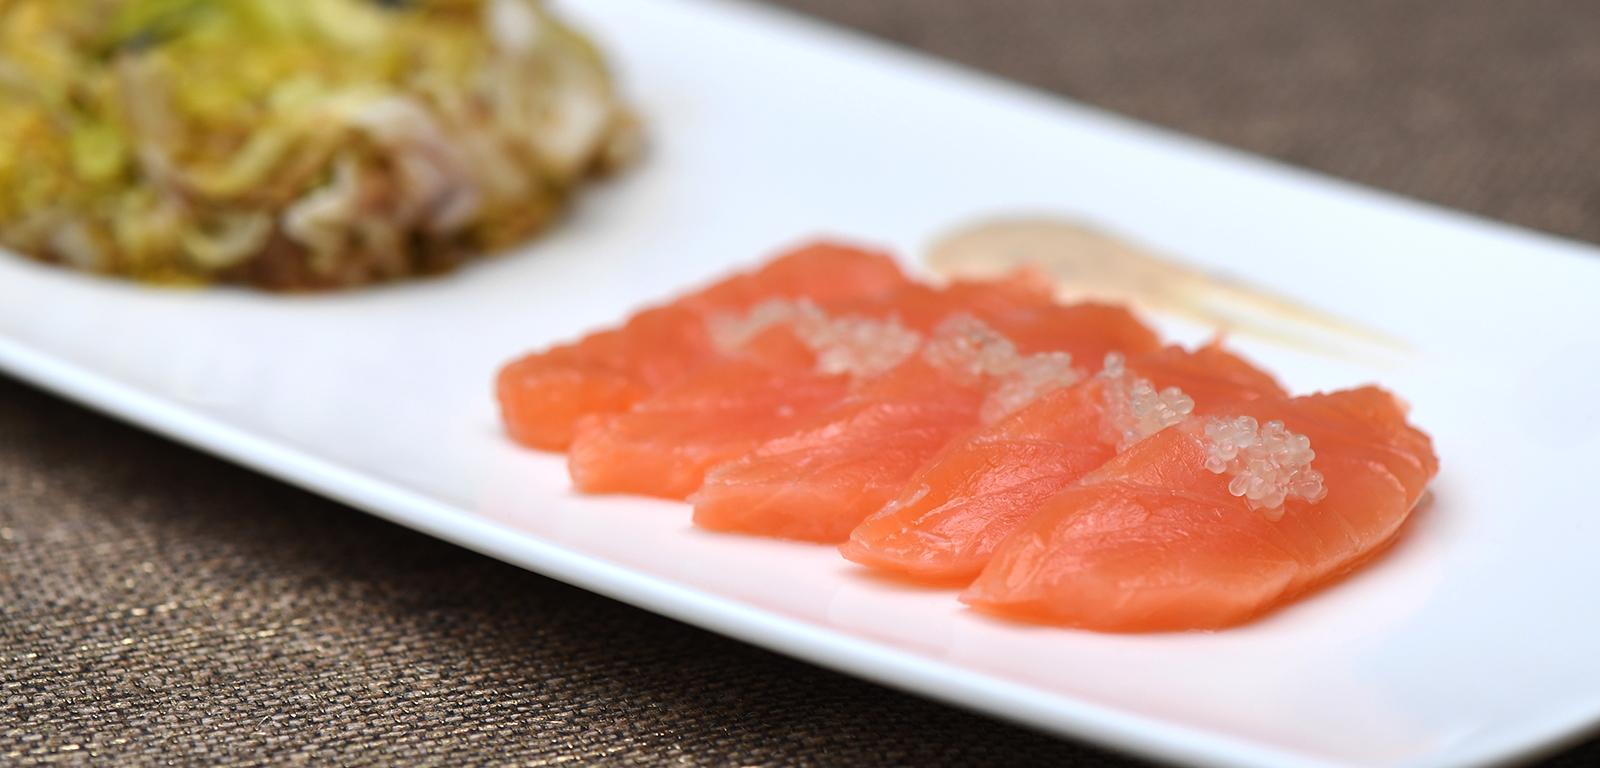 gravelax_saumon_citron_caviar_épices